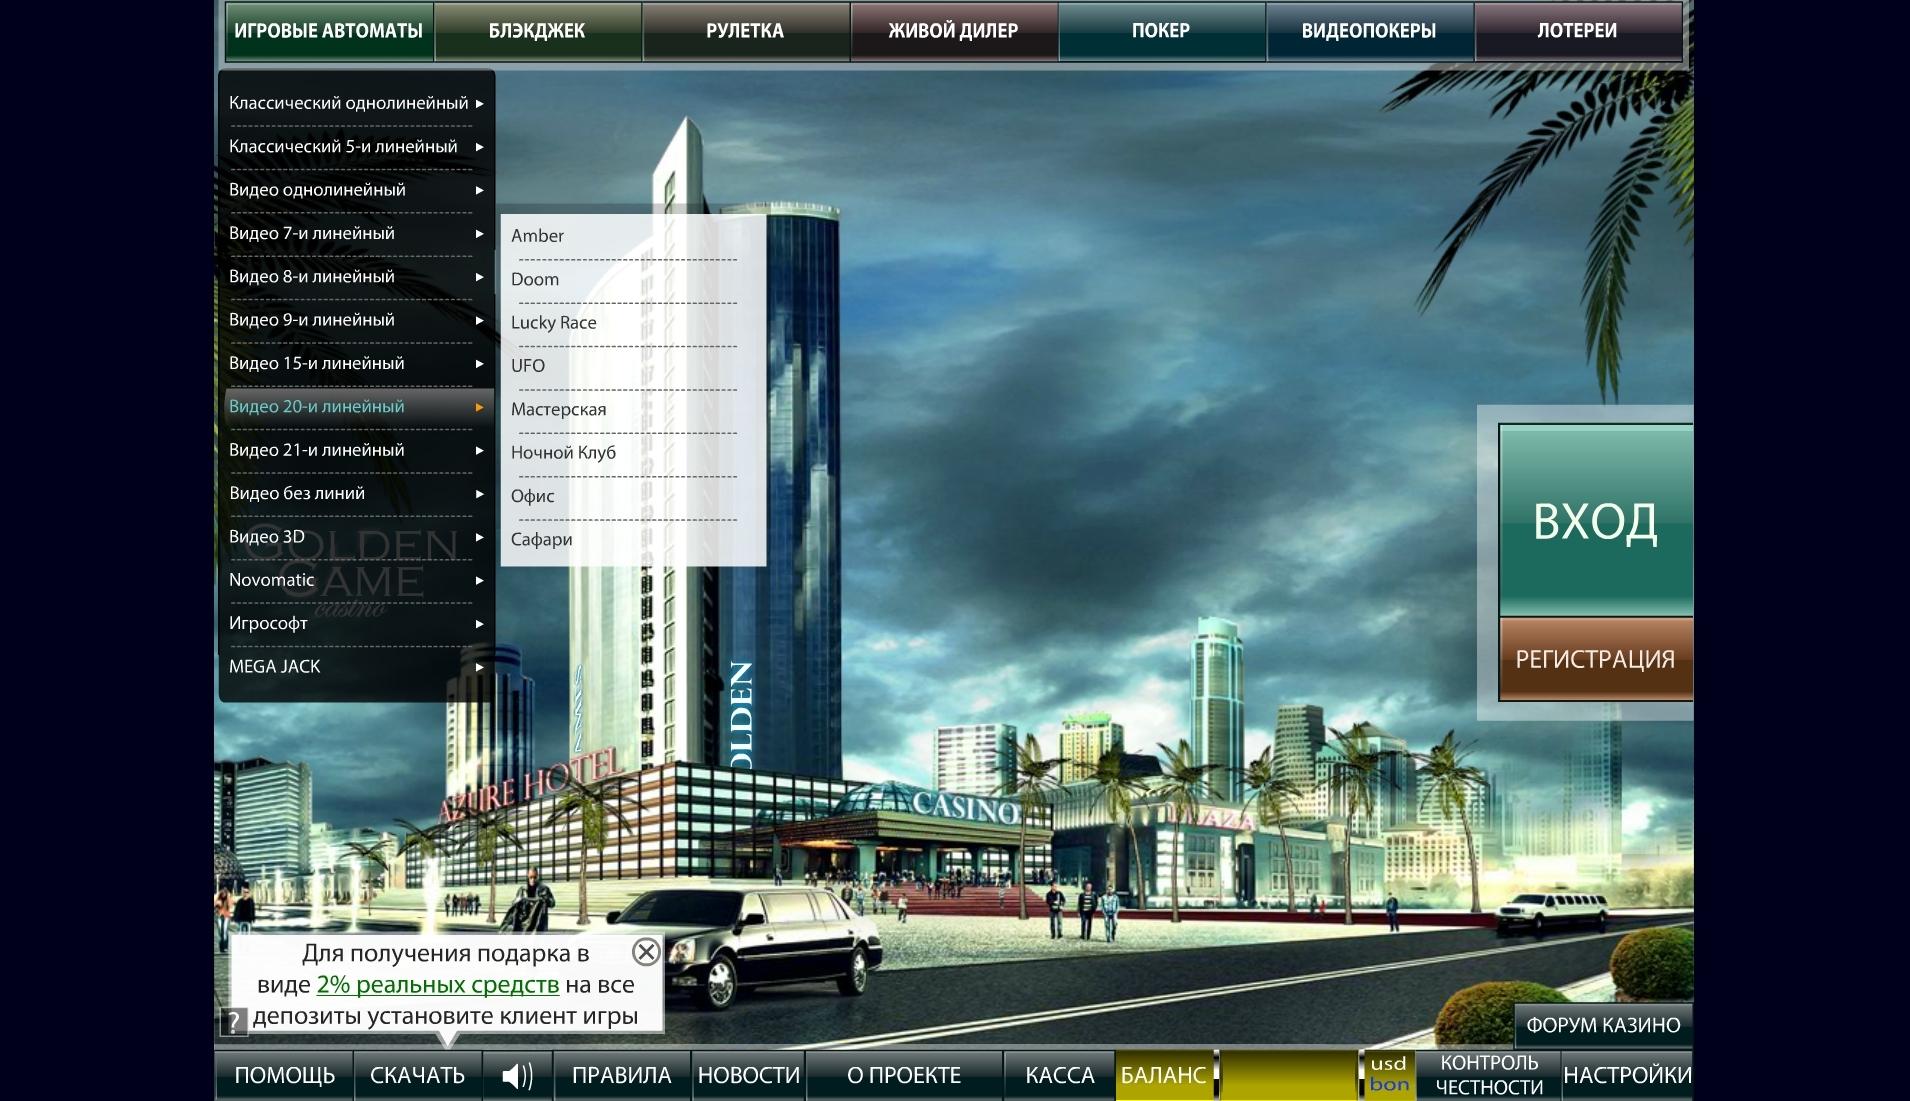 Играть бесплатно онлайн в игровой автомат крейзи манки